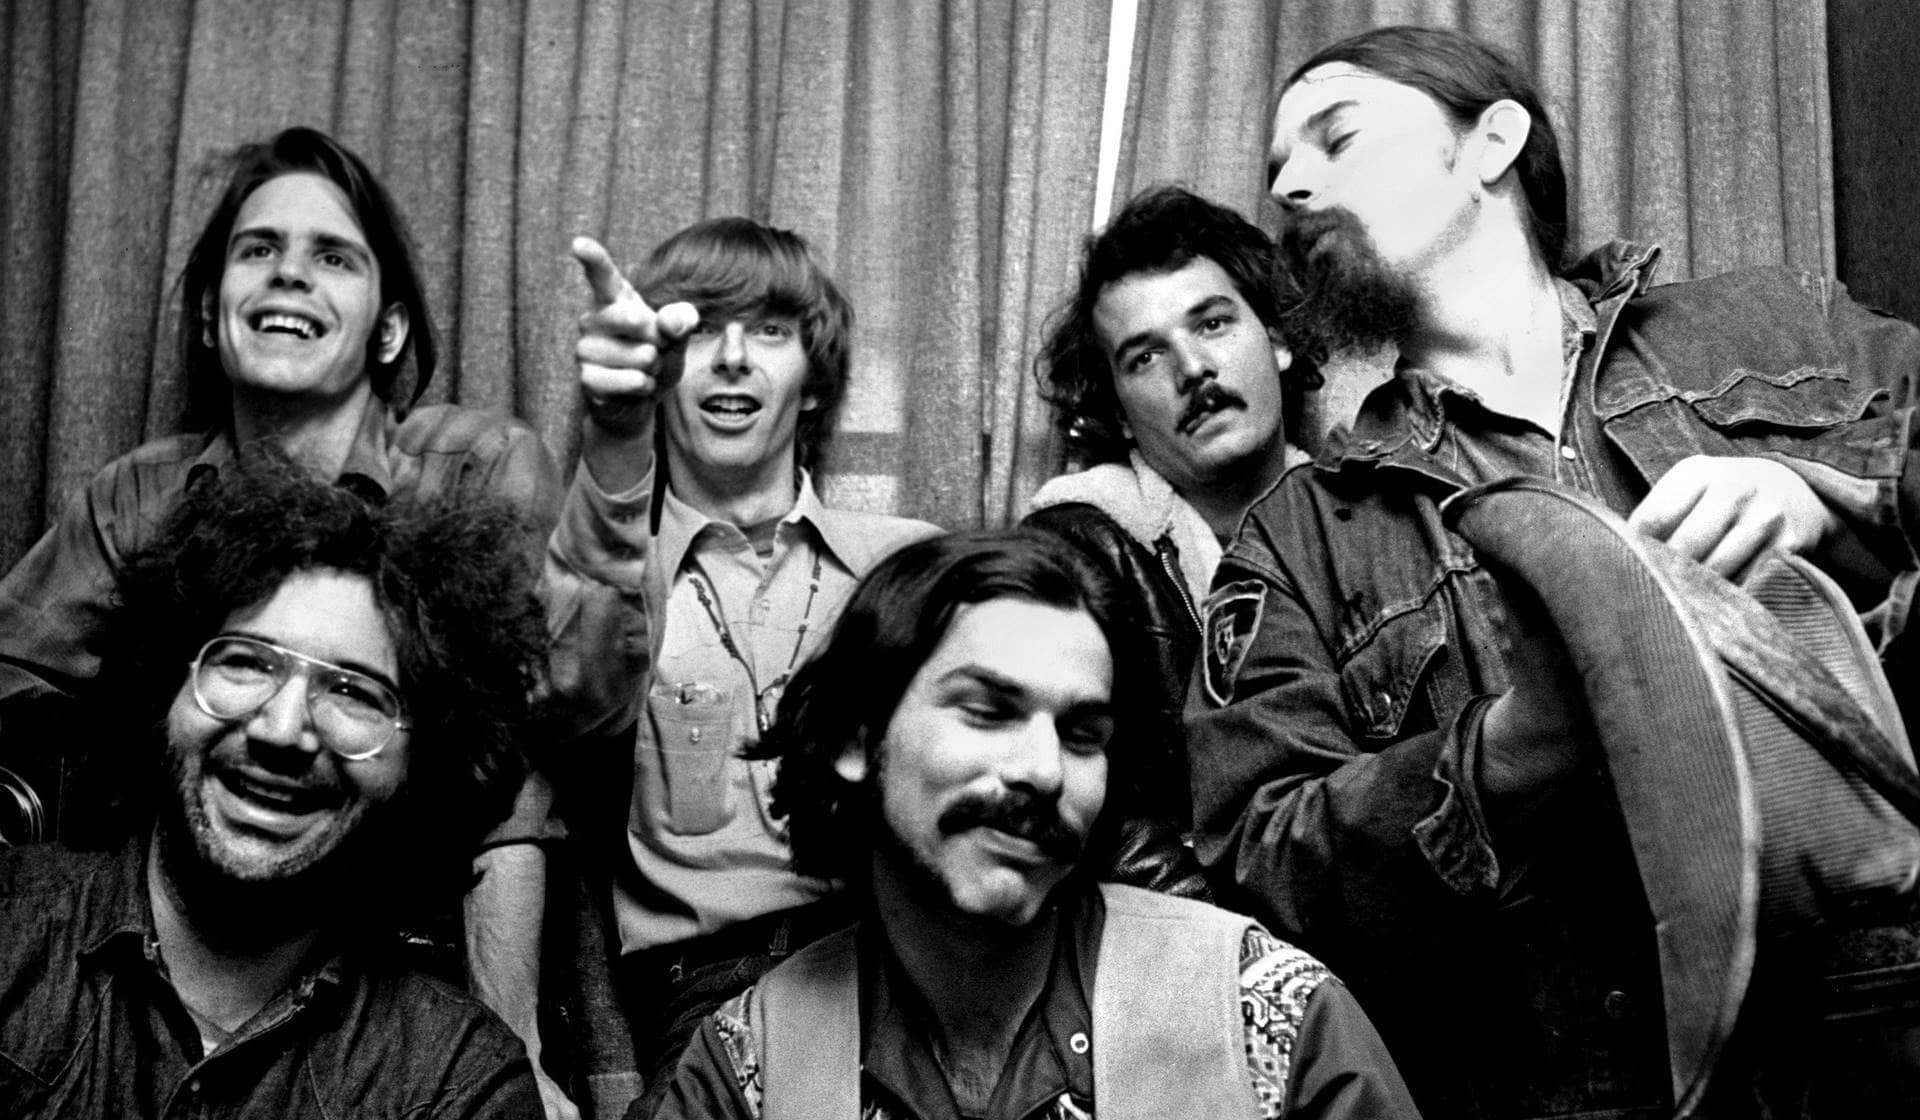 Miembros de la banda Grateful dead en los años 70.